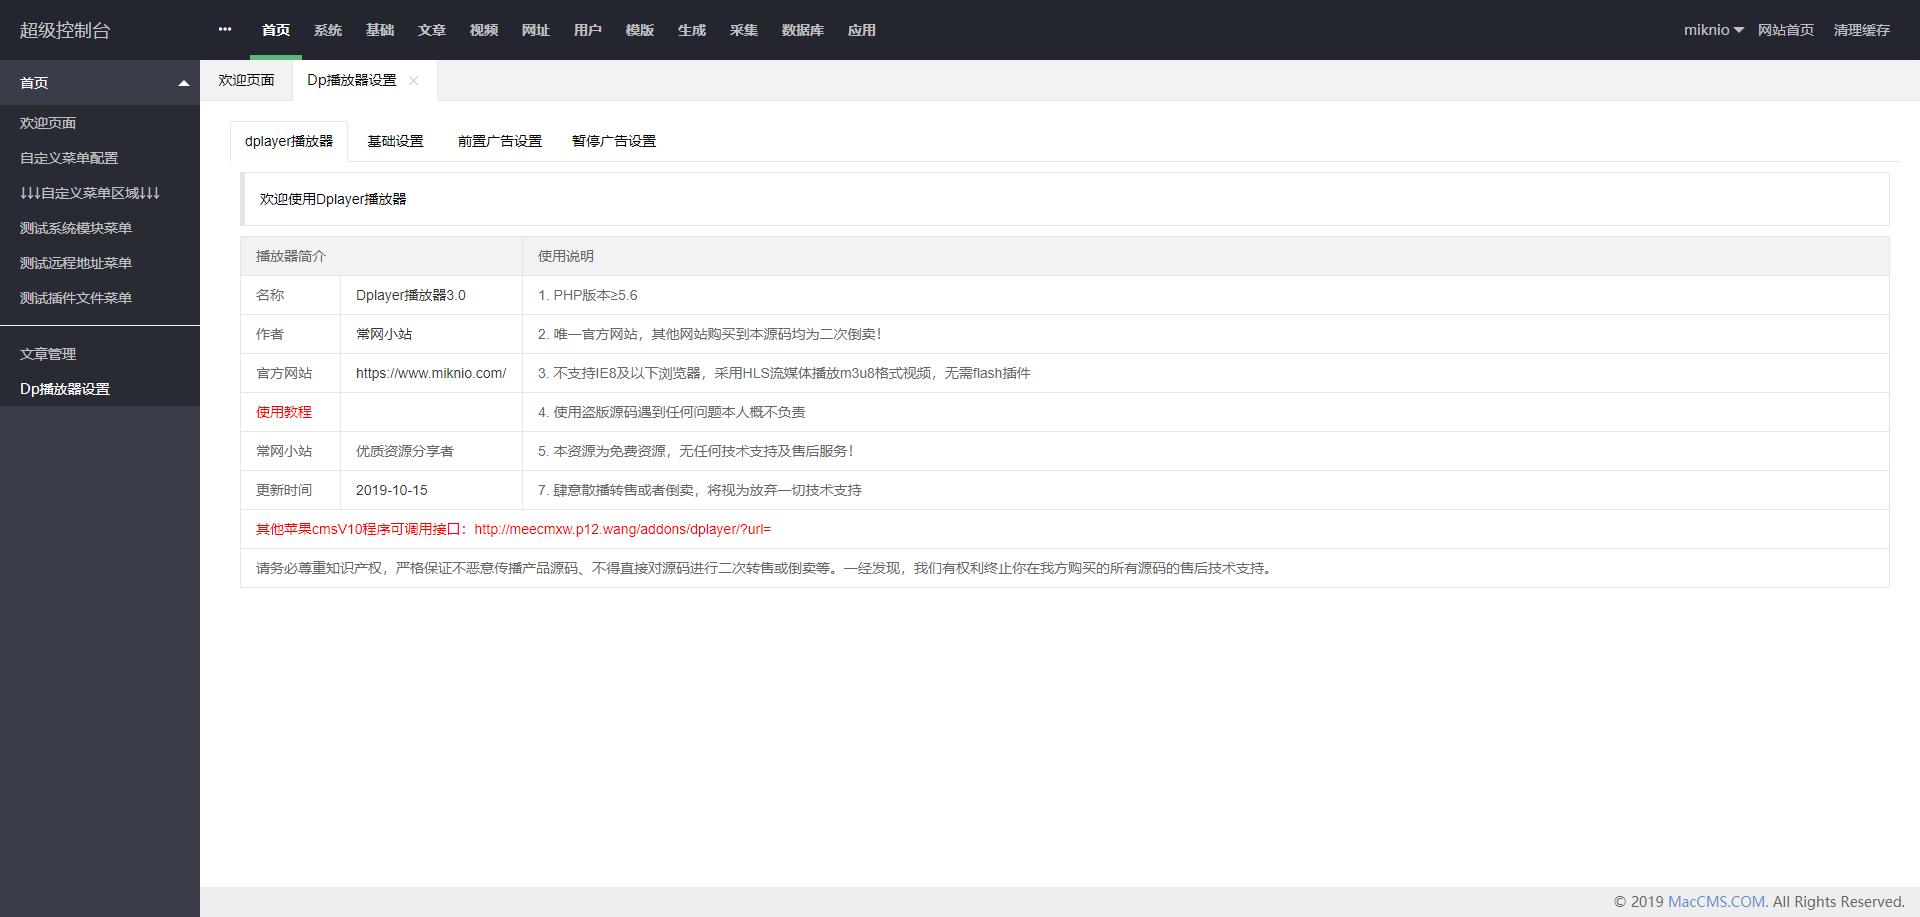 苹果CMS整合Dplayer播放器插件版独立设置-记忆播放-视频广告-常网小站Miknio